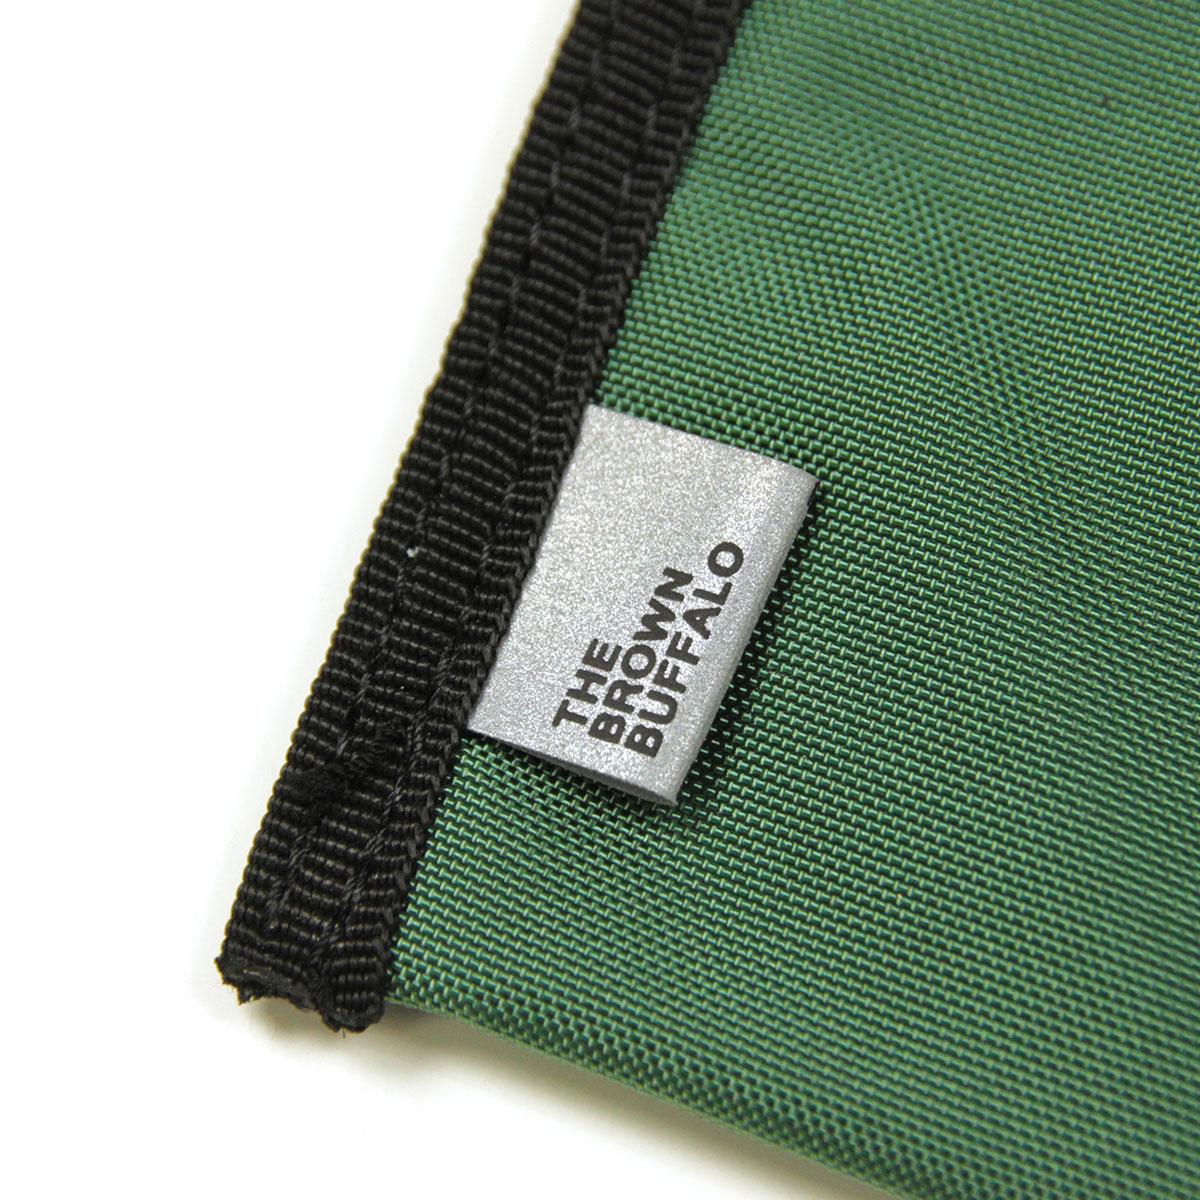 ザ ブラウン バッファロー バッグ メンズ レディース 正規販売店 THE BROWN BUFFALO ショルダーバッグ ボディバッグ PACKERSLING PINE F19PS420PINE AA7B B3C C8D D4E E08F